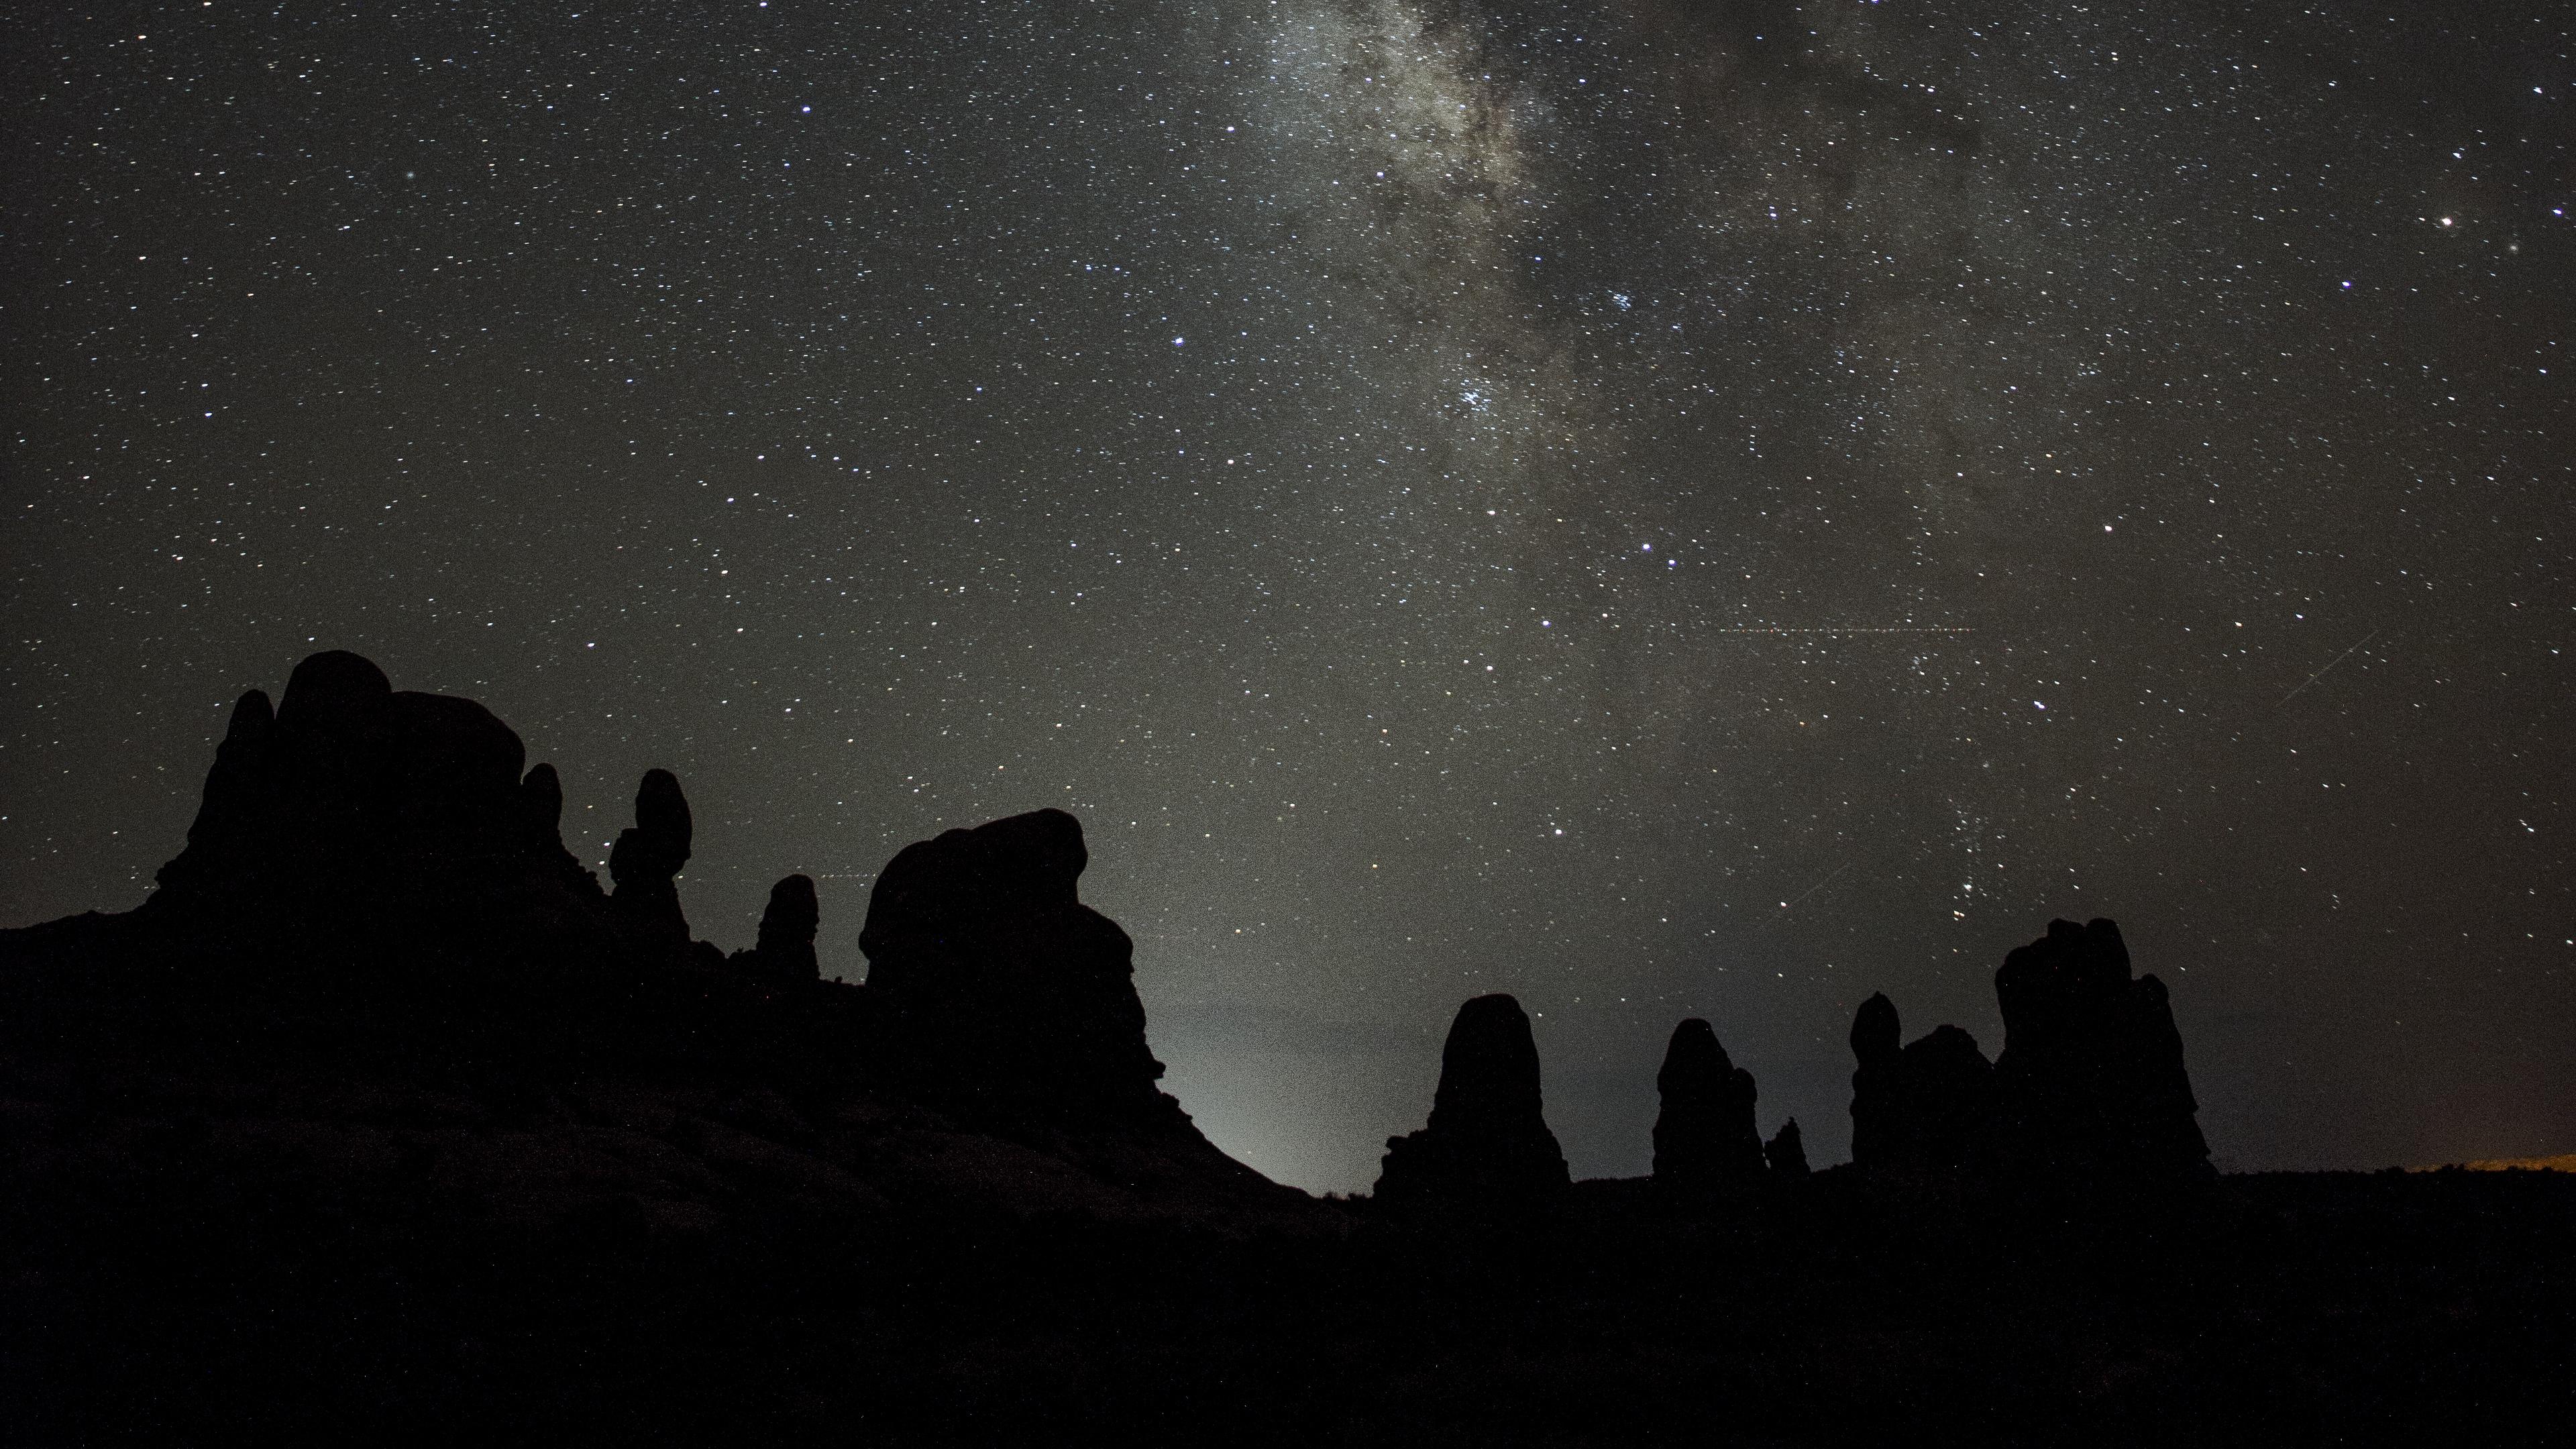 starry sky milky way mountains stars 4k 1536013909 - starry sky, milky way, mountains, stars 4k - starry sky, Mountains, milky way